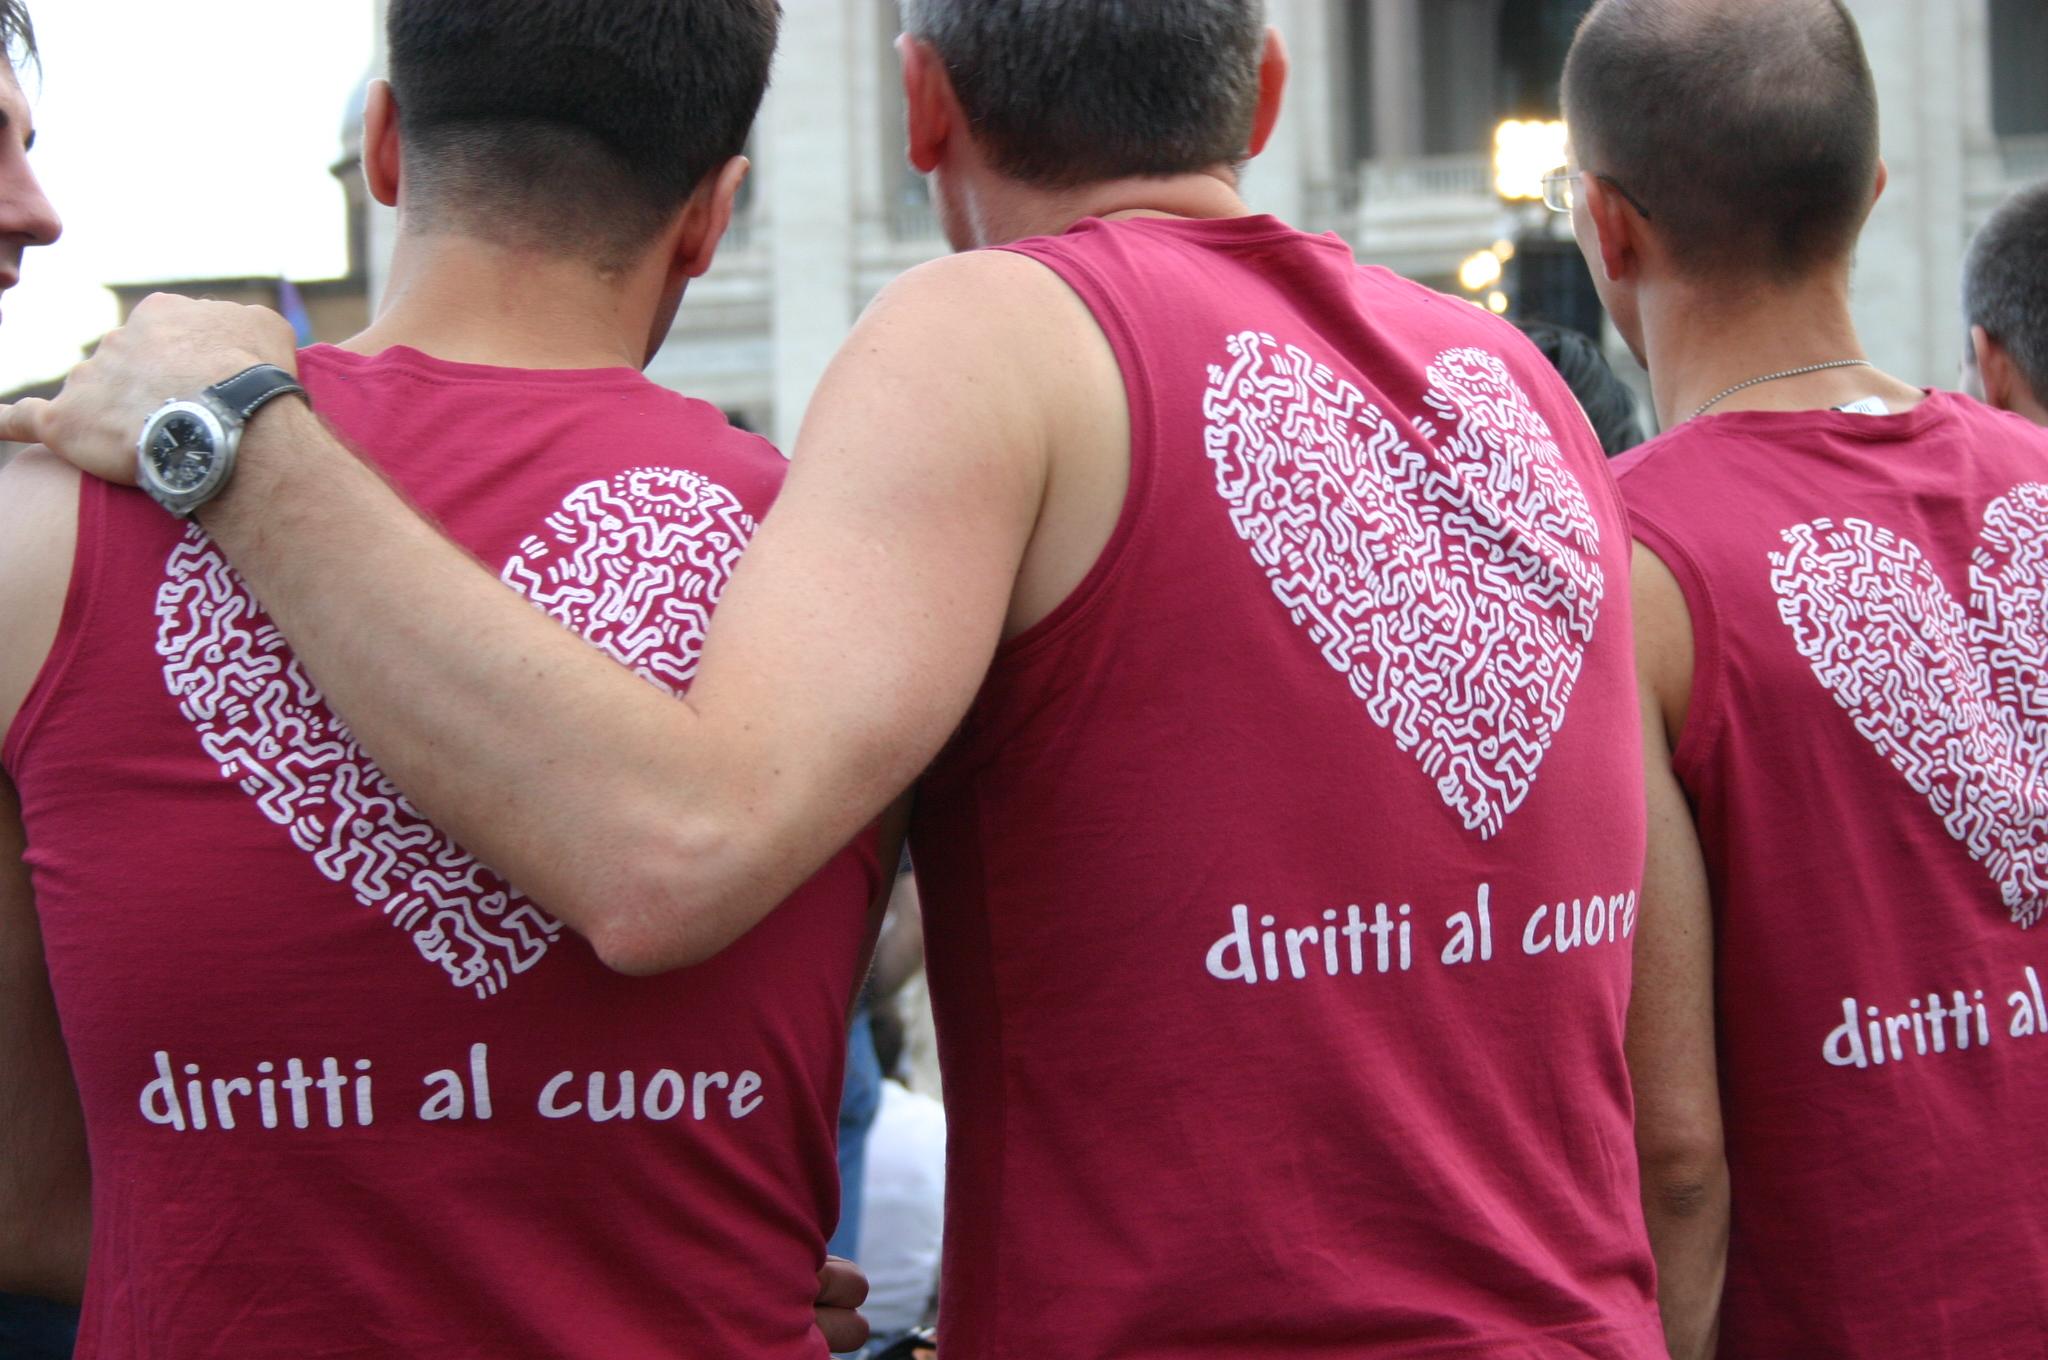 http://upload.wikimedia.org/wikipedia/commons/9/93/Diritti_al_cuore_-_Gay_Pride_di_Roma,_16-6-2007_-_Foto_Giovanni_Dall%27Orto.jpg